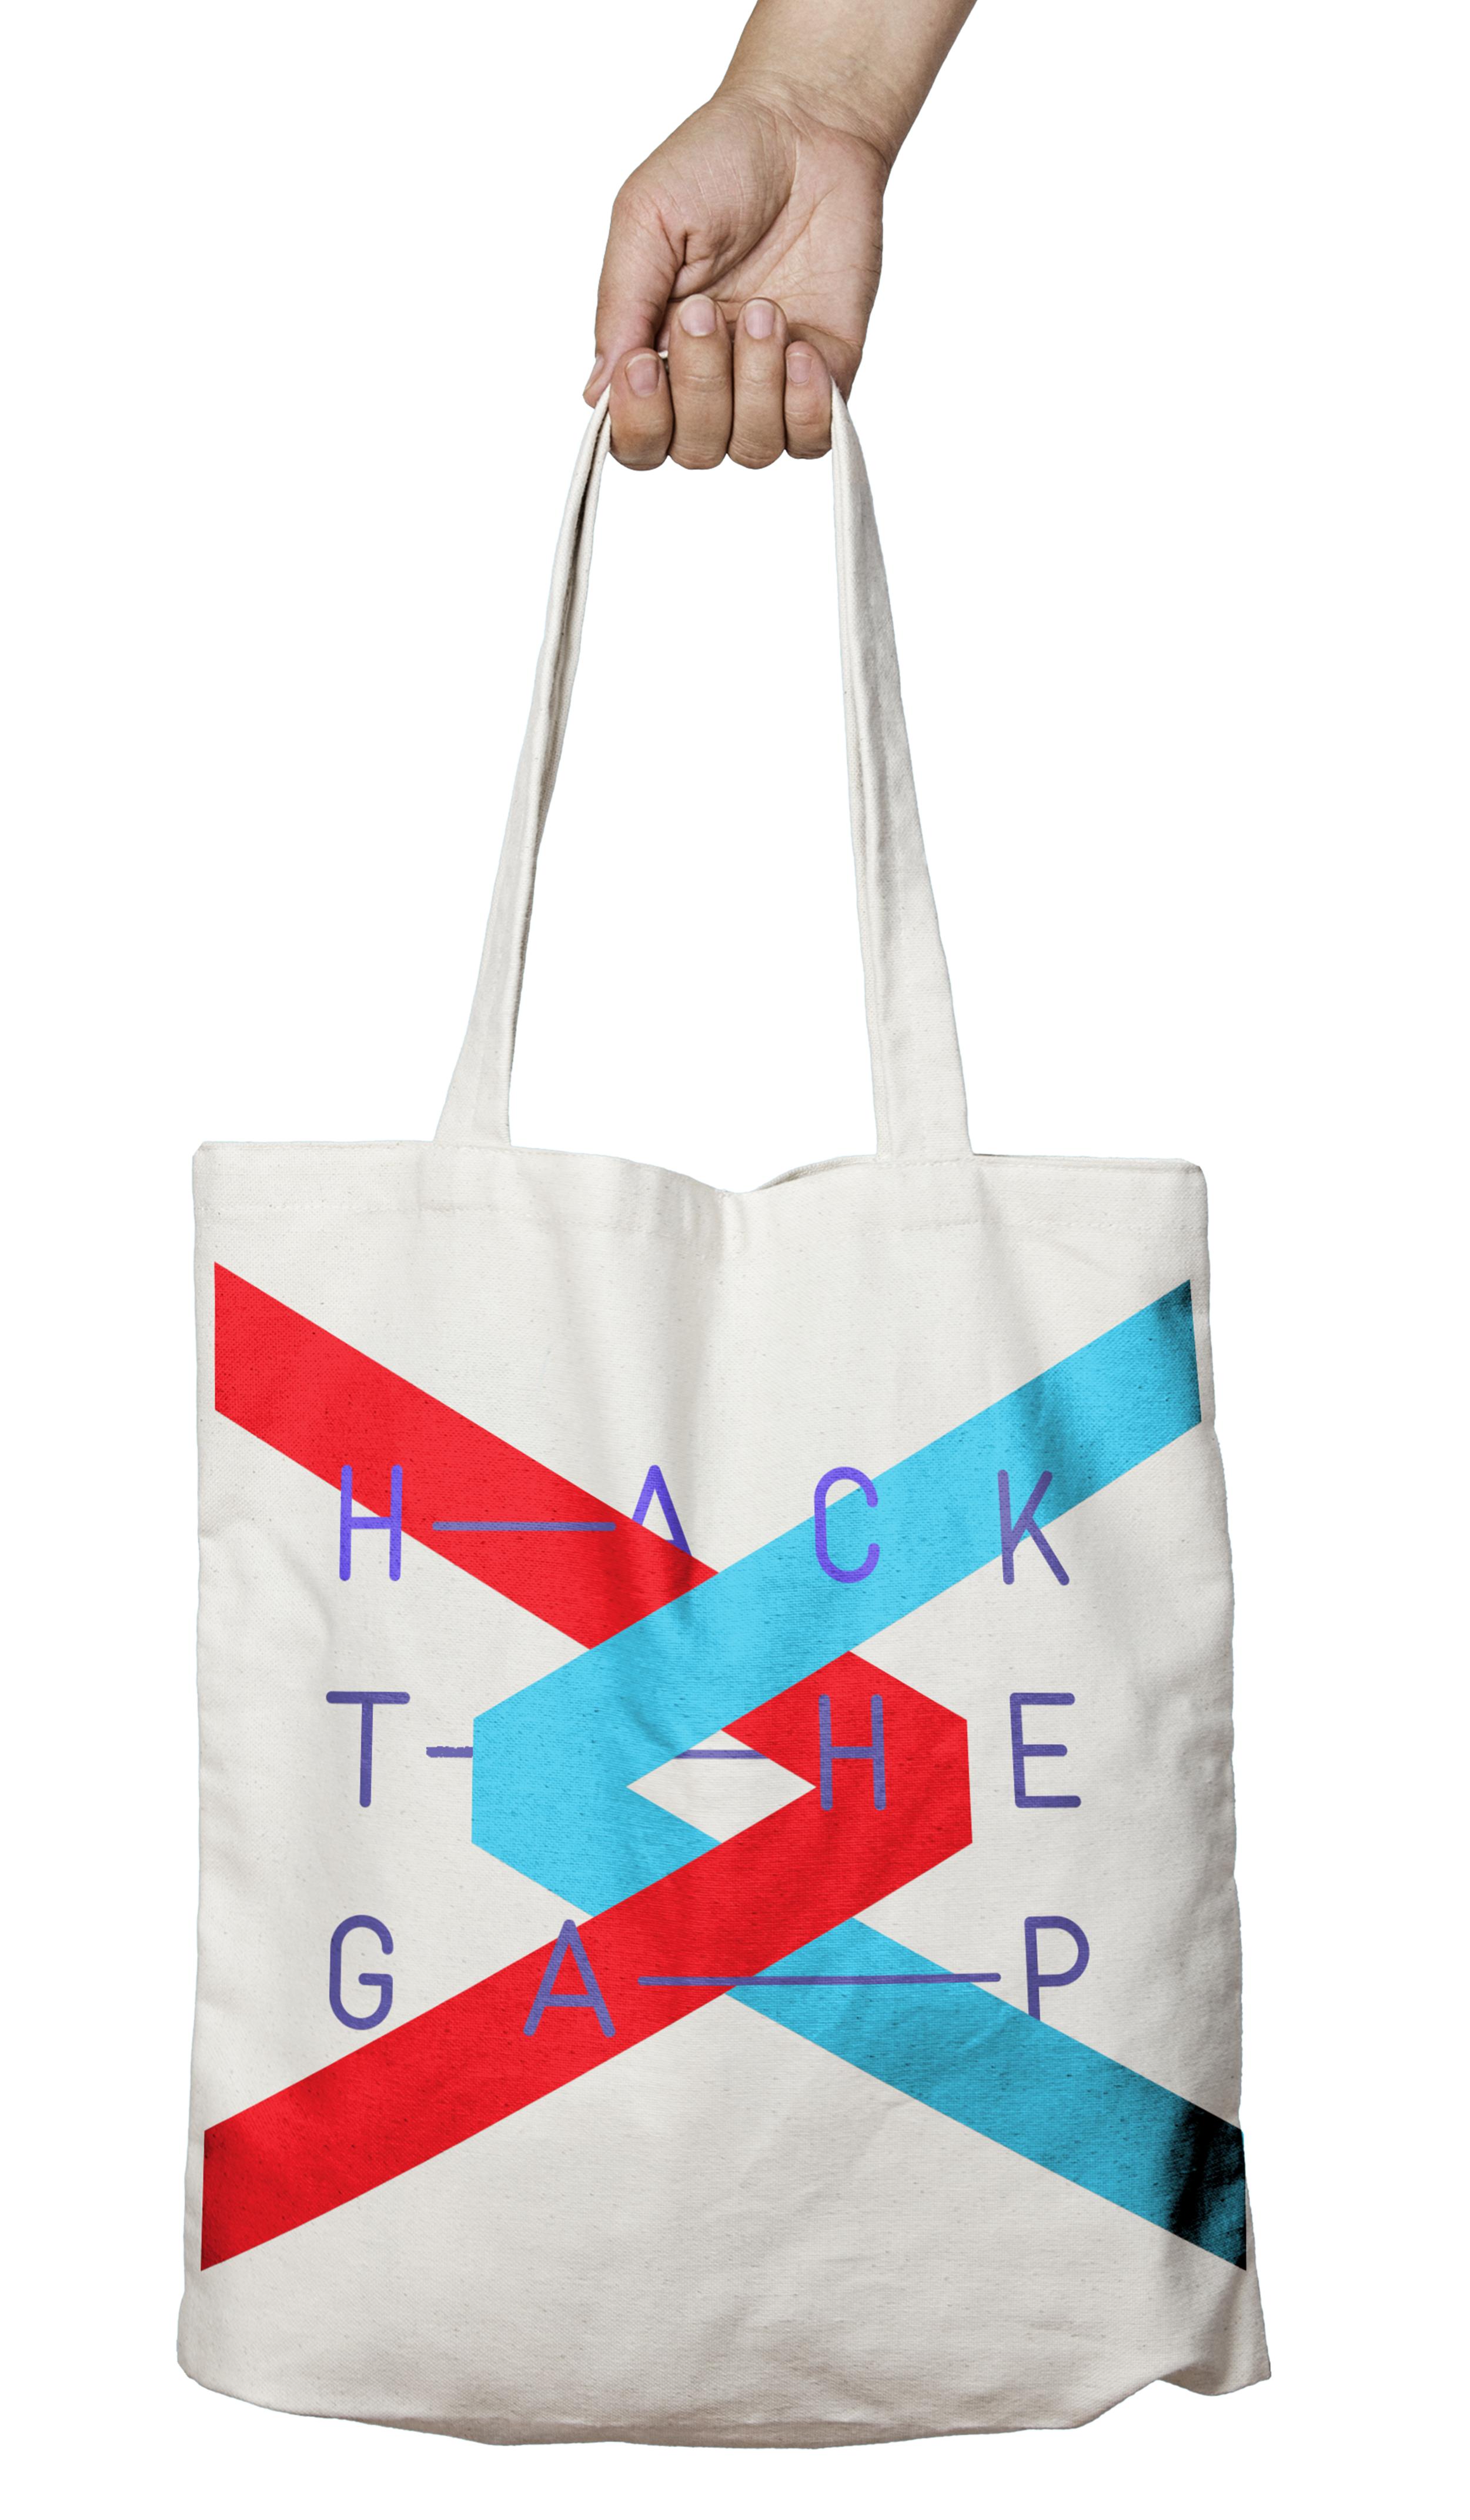 Hack the Gap - Branding for a hackathon focused on discovering STEM gender-gap solutions.